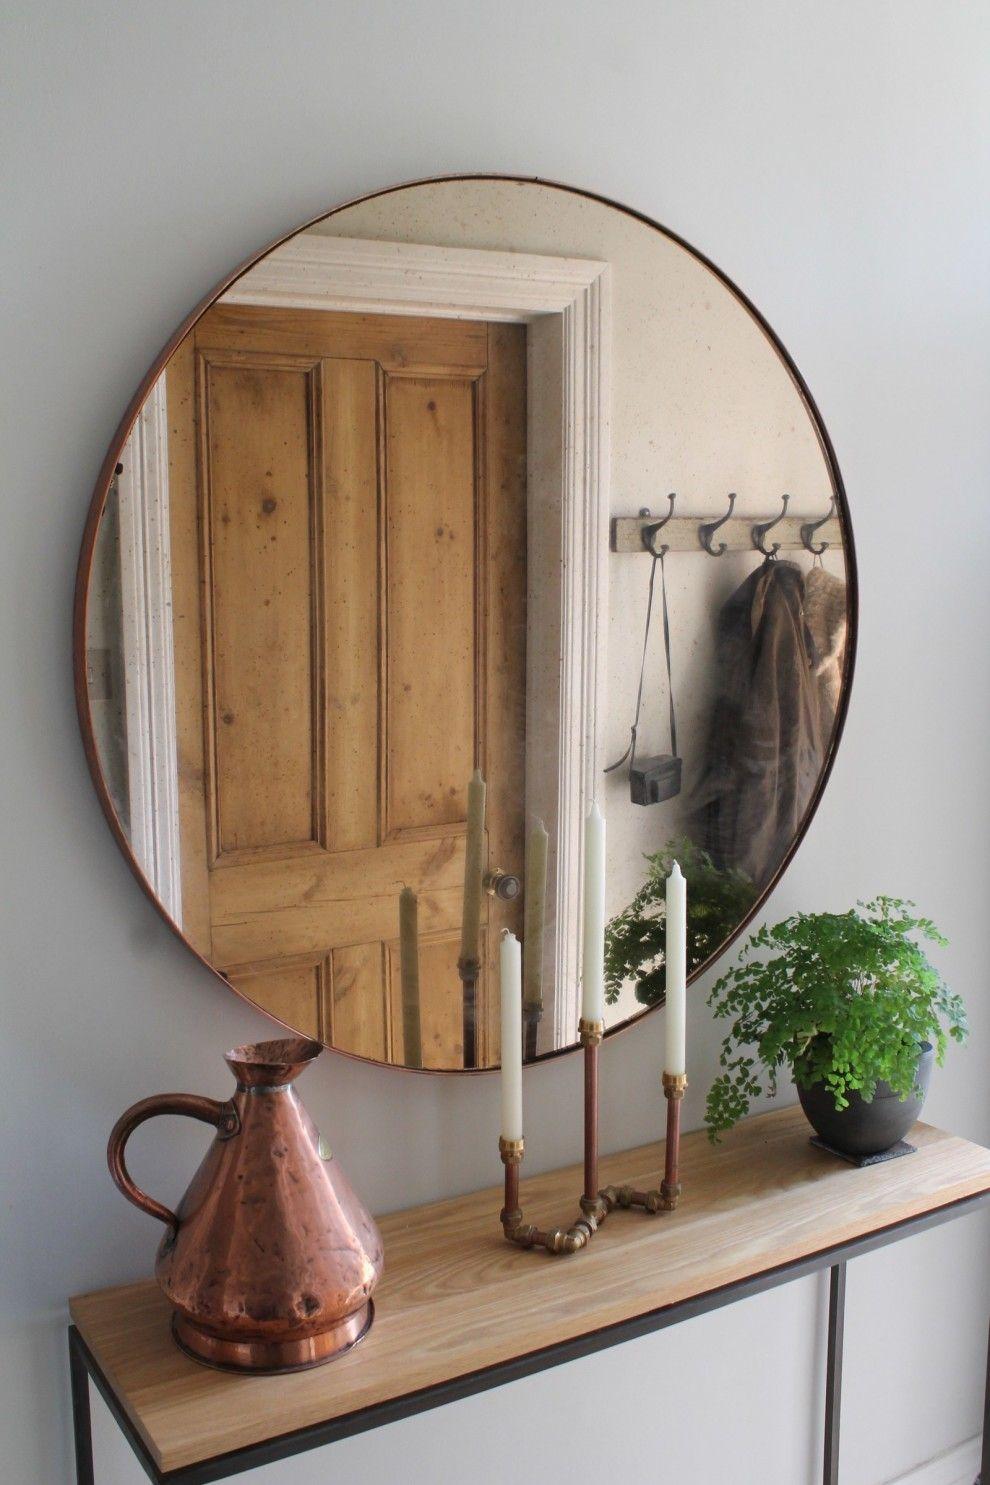 Naheliegend und doch immer wieder vergessen: Spiegel machen jedes Zimmer größer. #smalllivingspaces